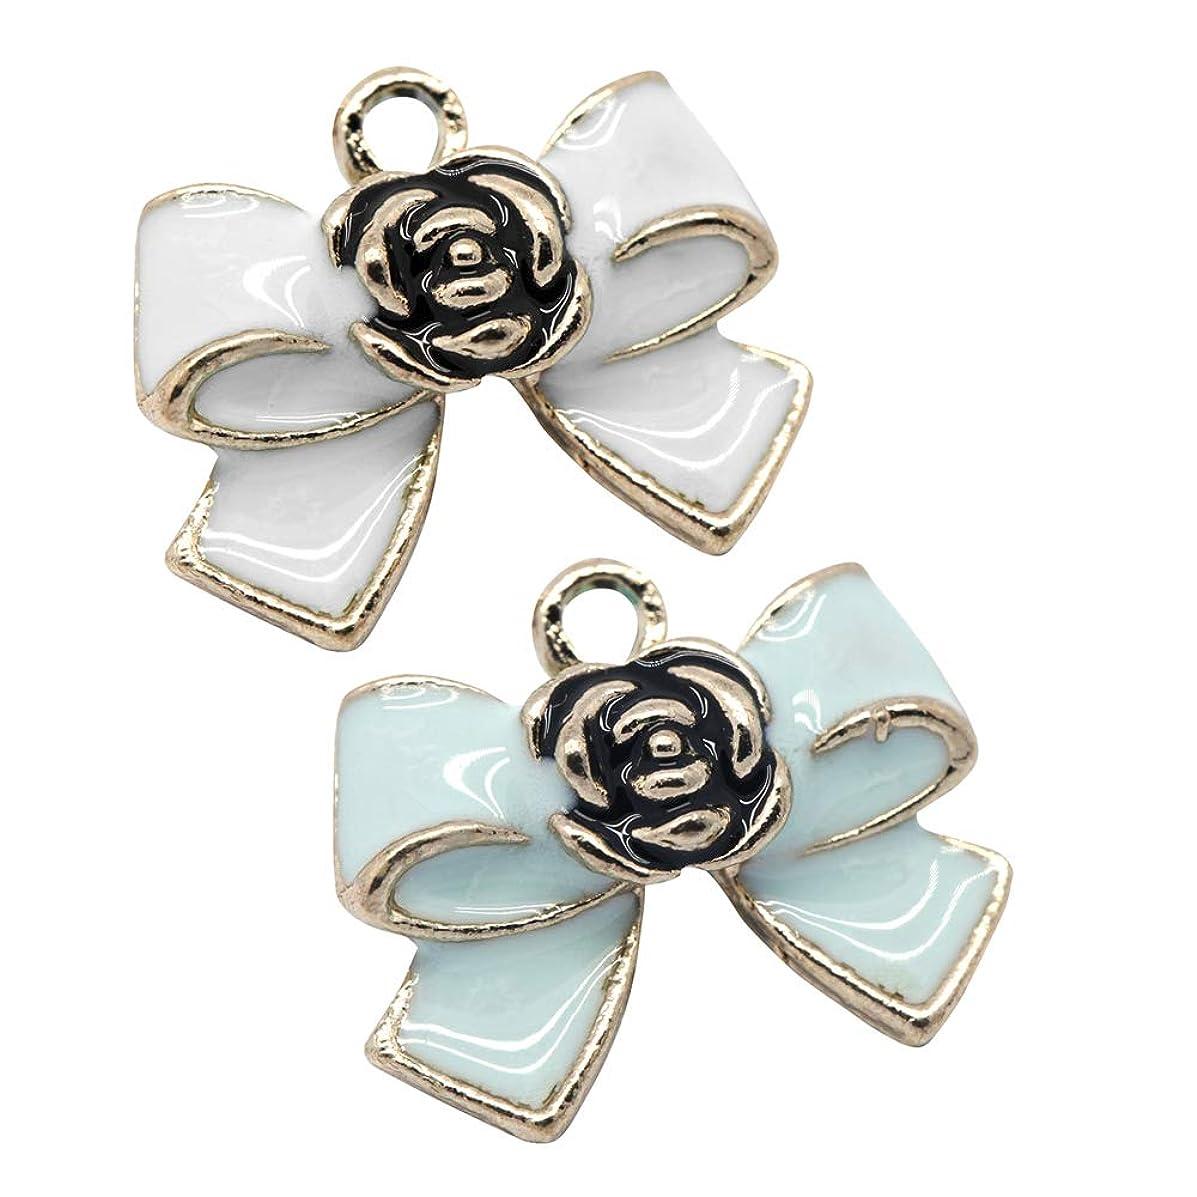 M252-E 8pcs New Cute Blue White Bow Bracelet Charms Pendants Wholesale